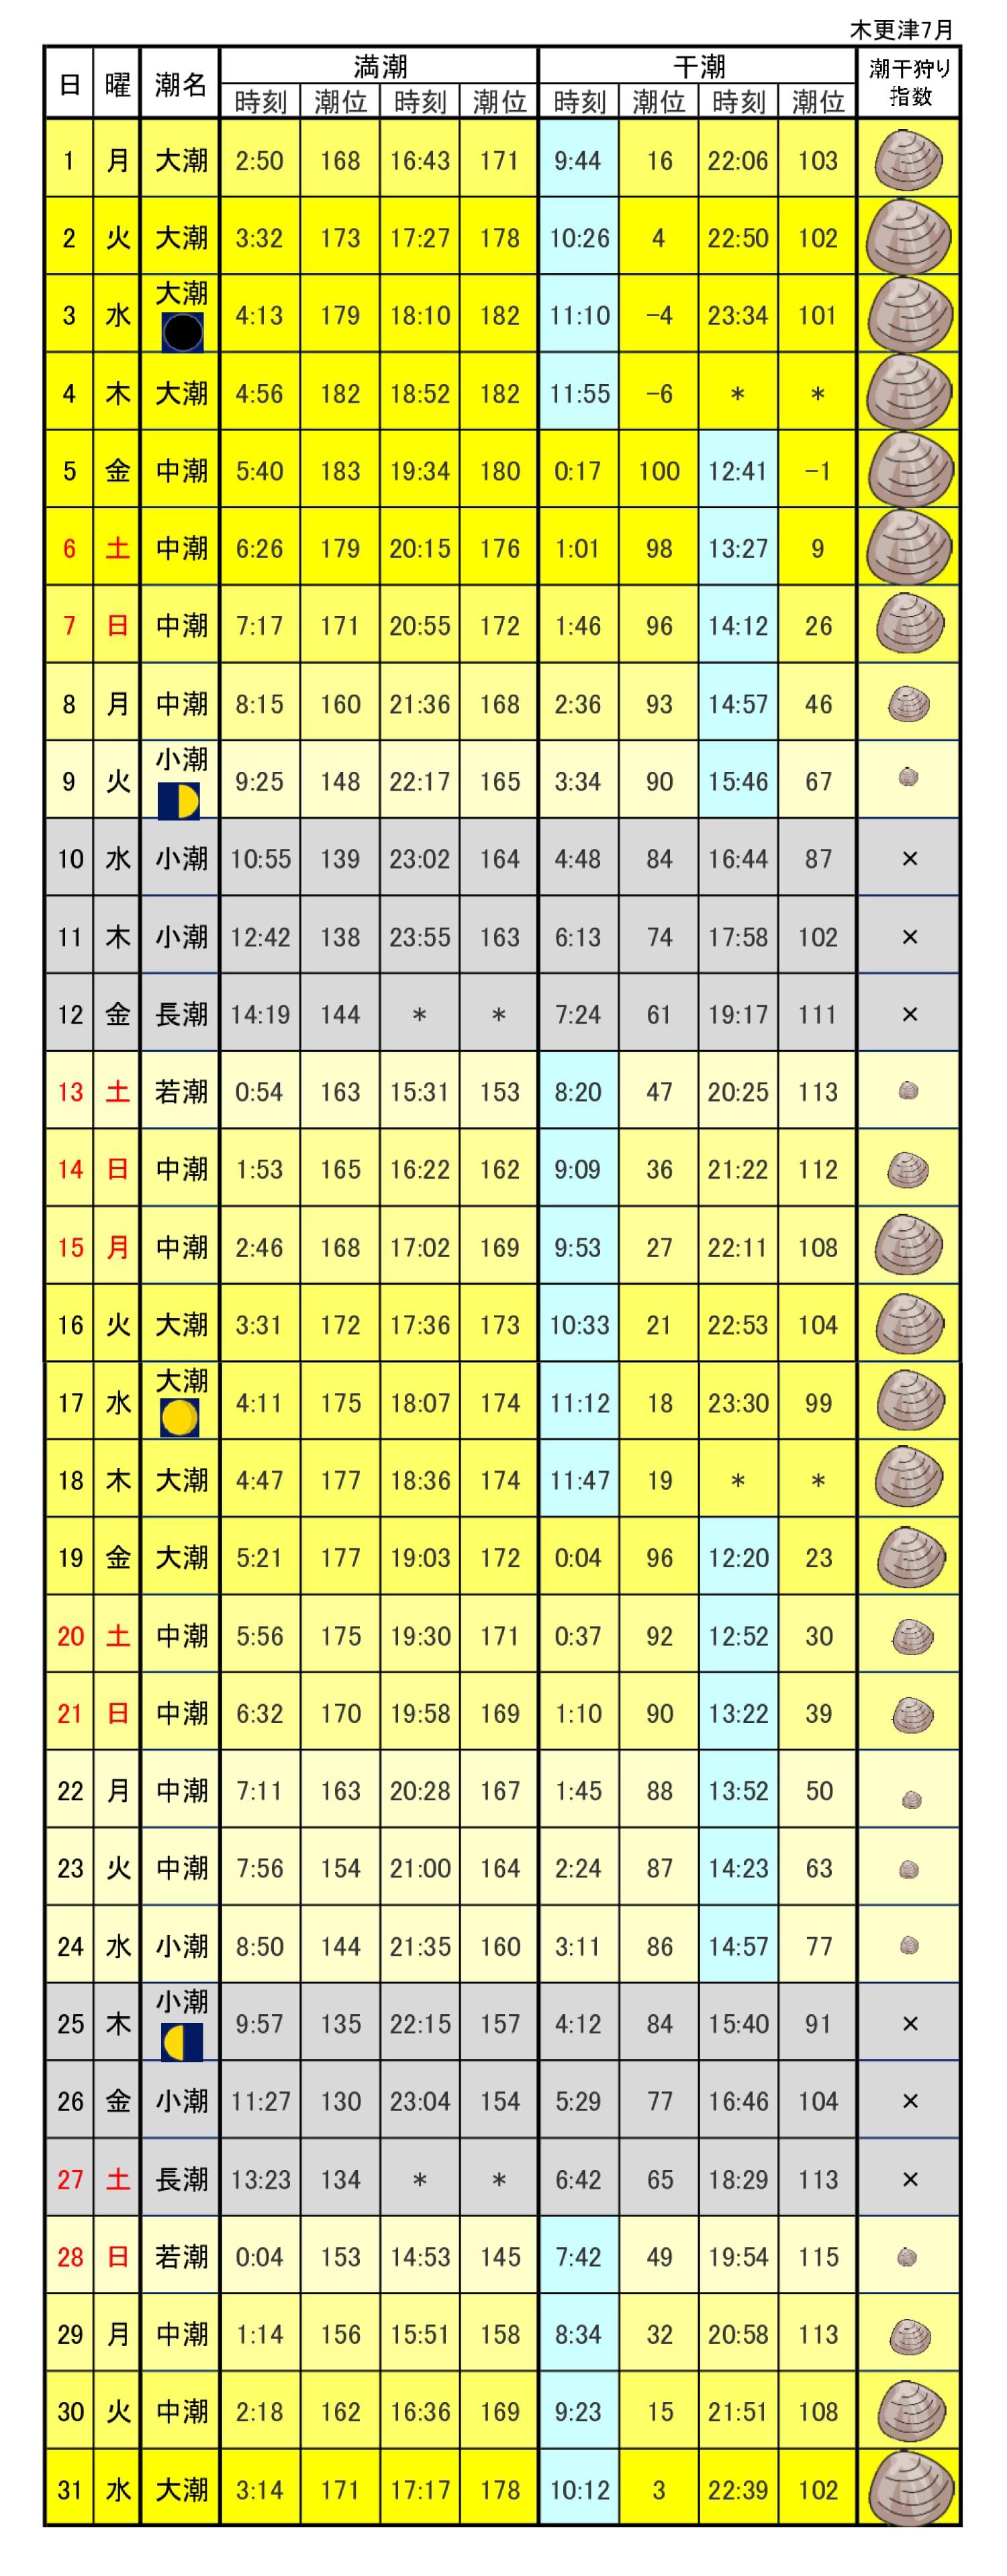 木更津海岸潮干狩り指数2019年7月